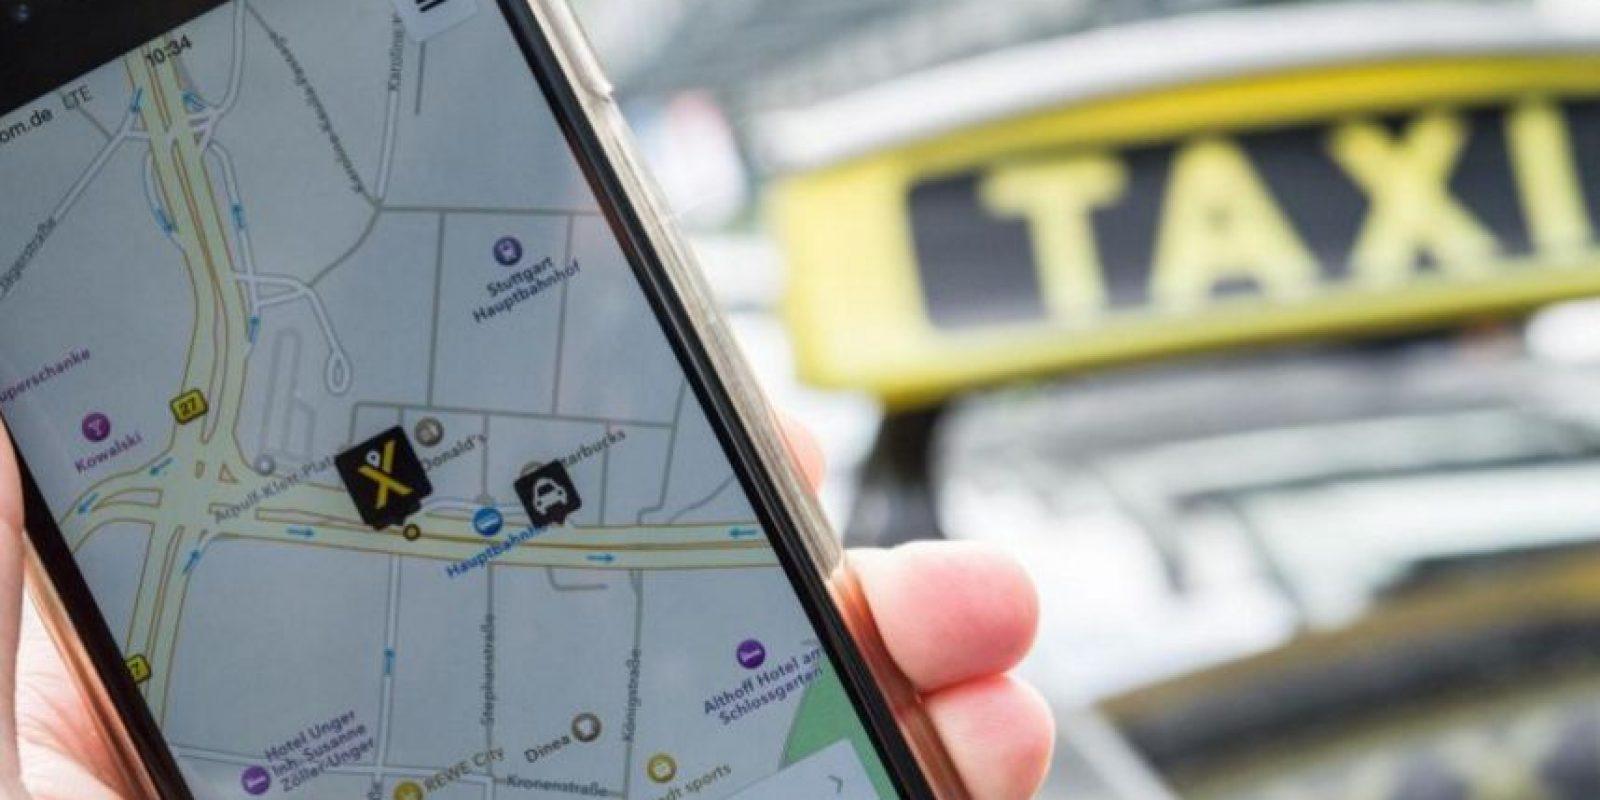 Grupos de taxistas se han quejado del servicio de Uber en el país. Foto:Twitter